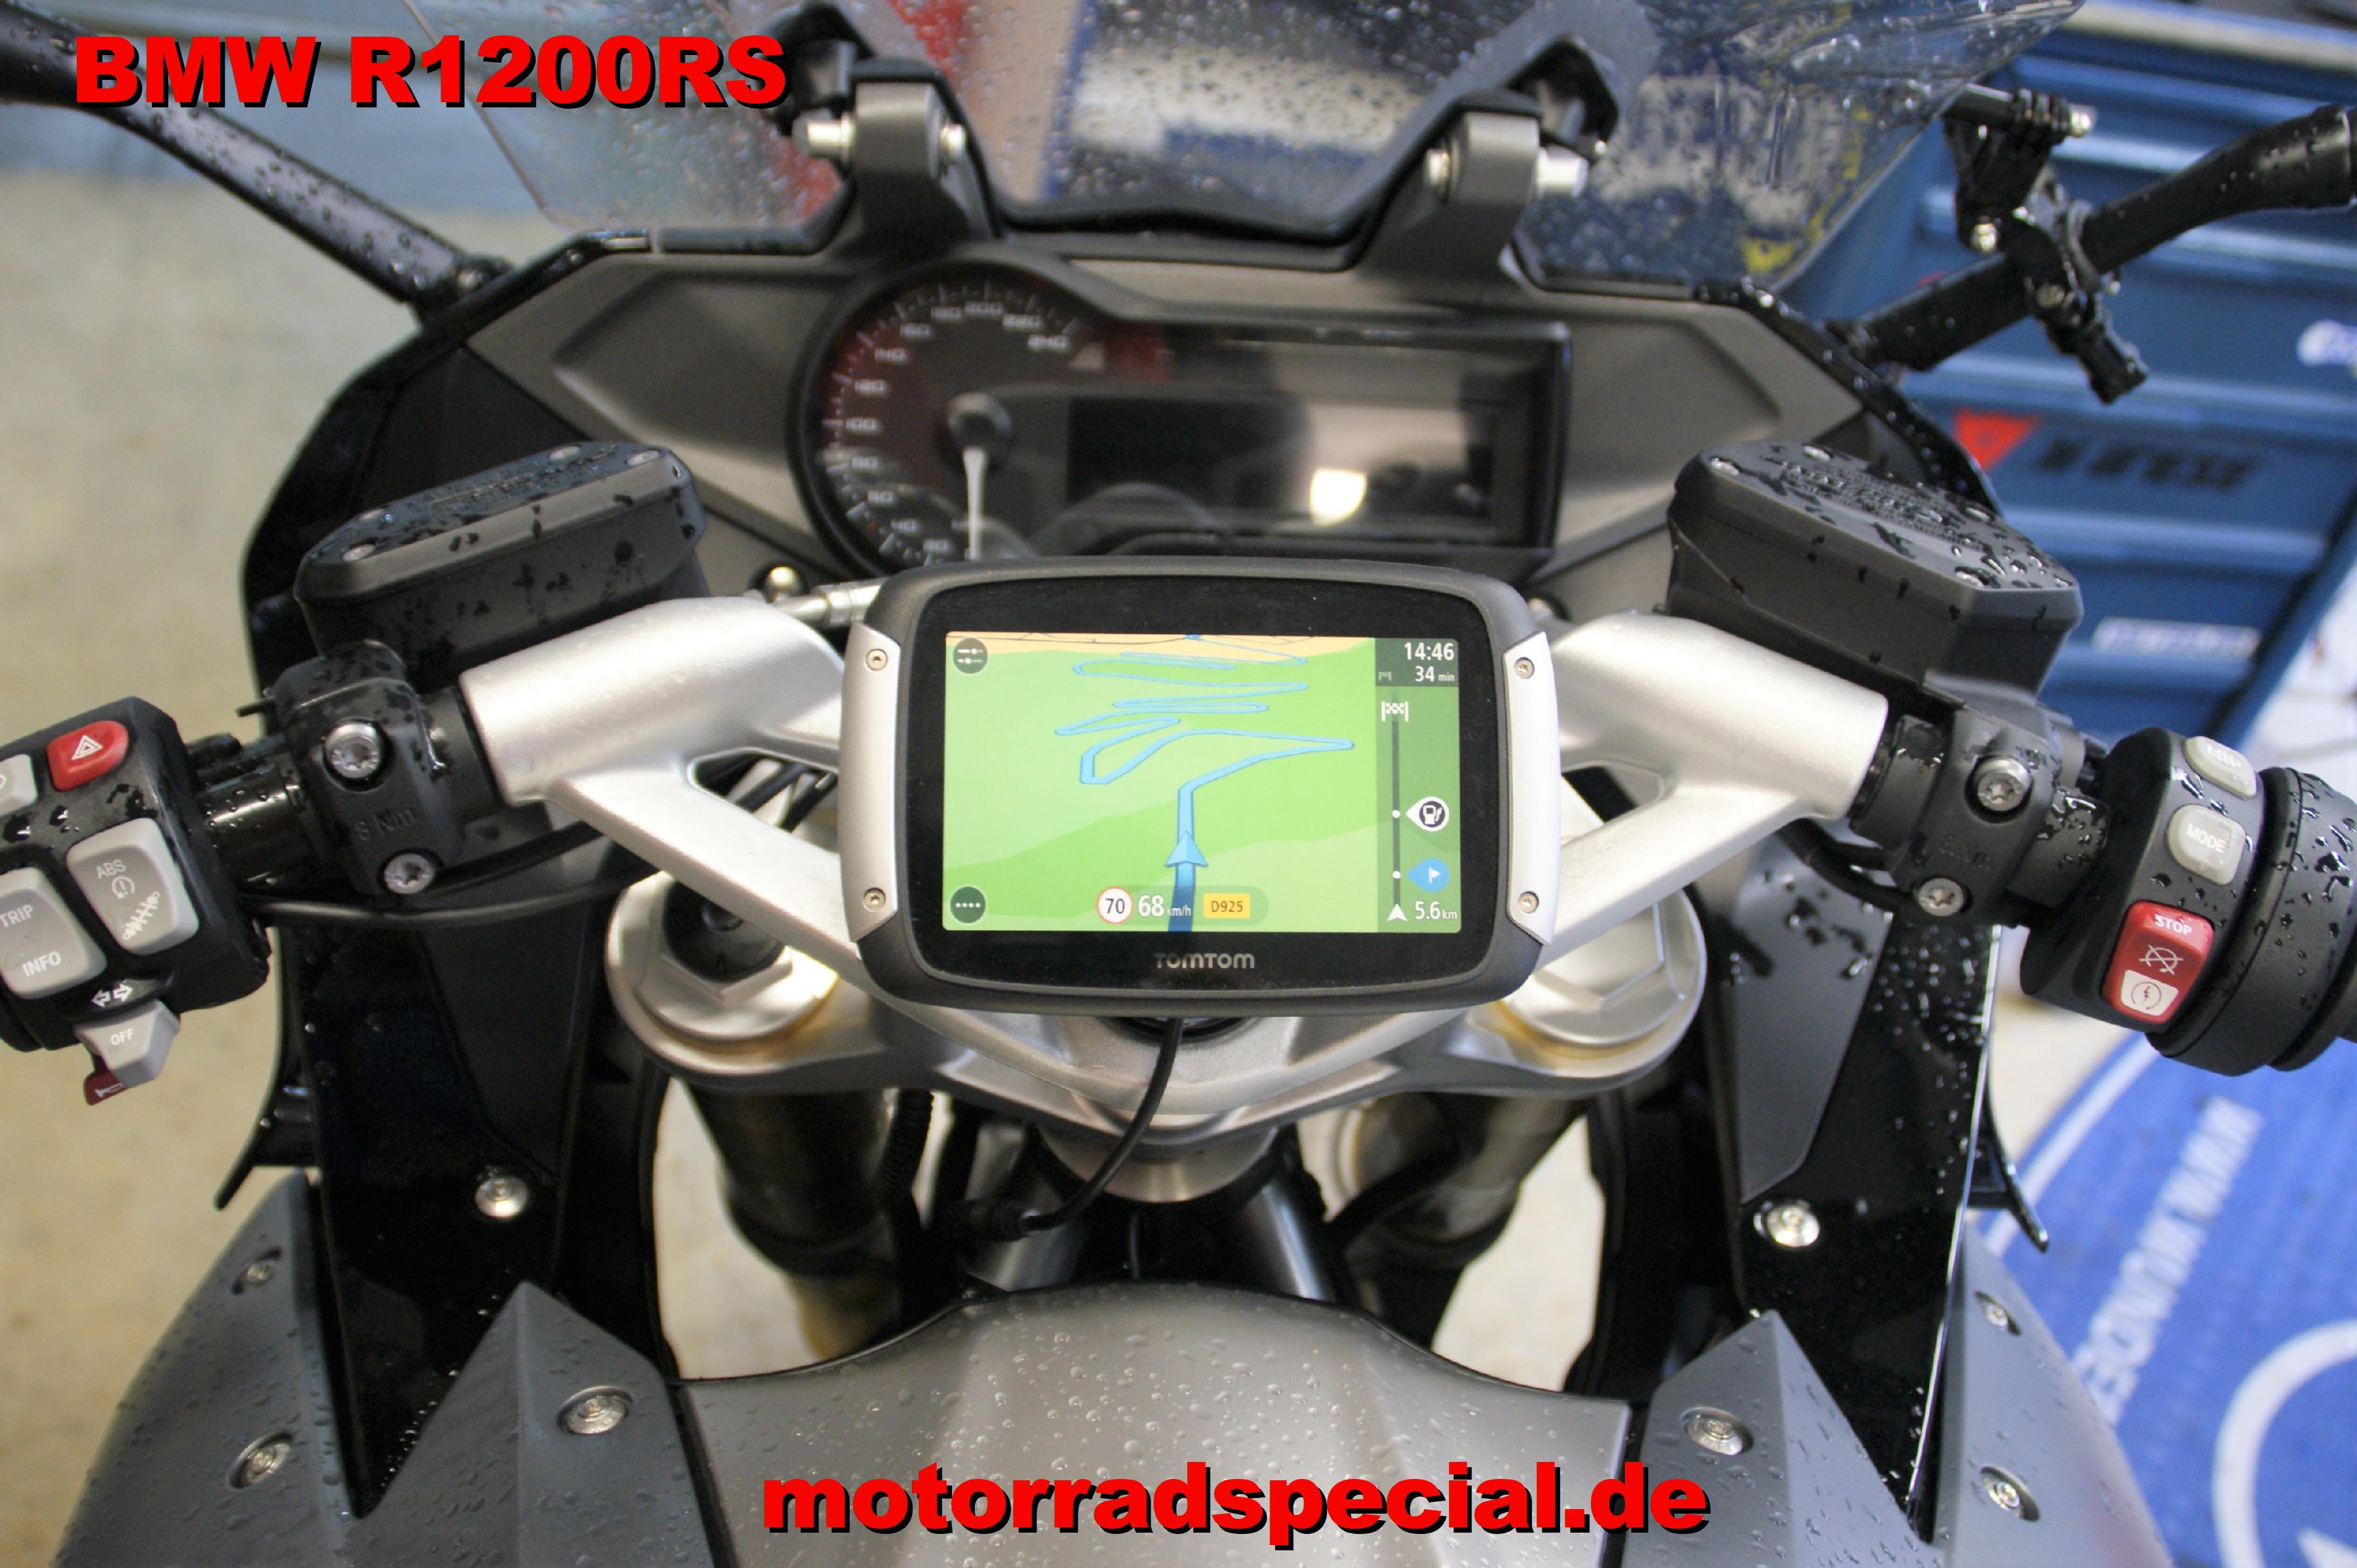 Navigationshalter Fur Bmw R1200rs Tomtom Rider 400 410 Eu Motorrad